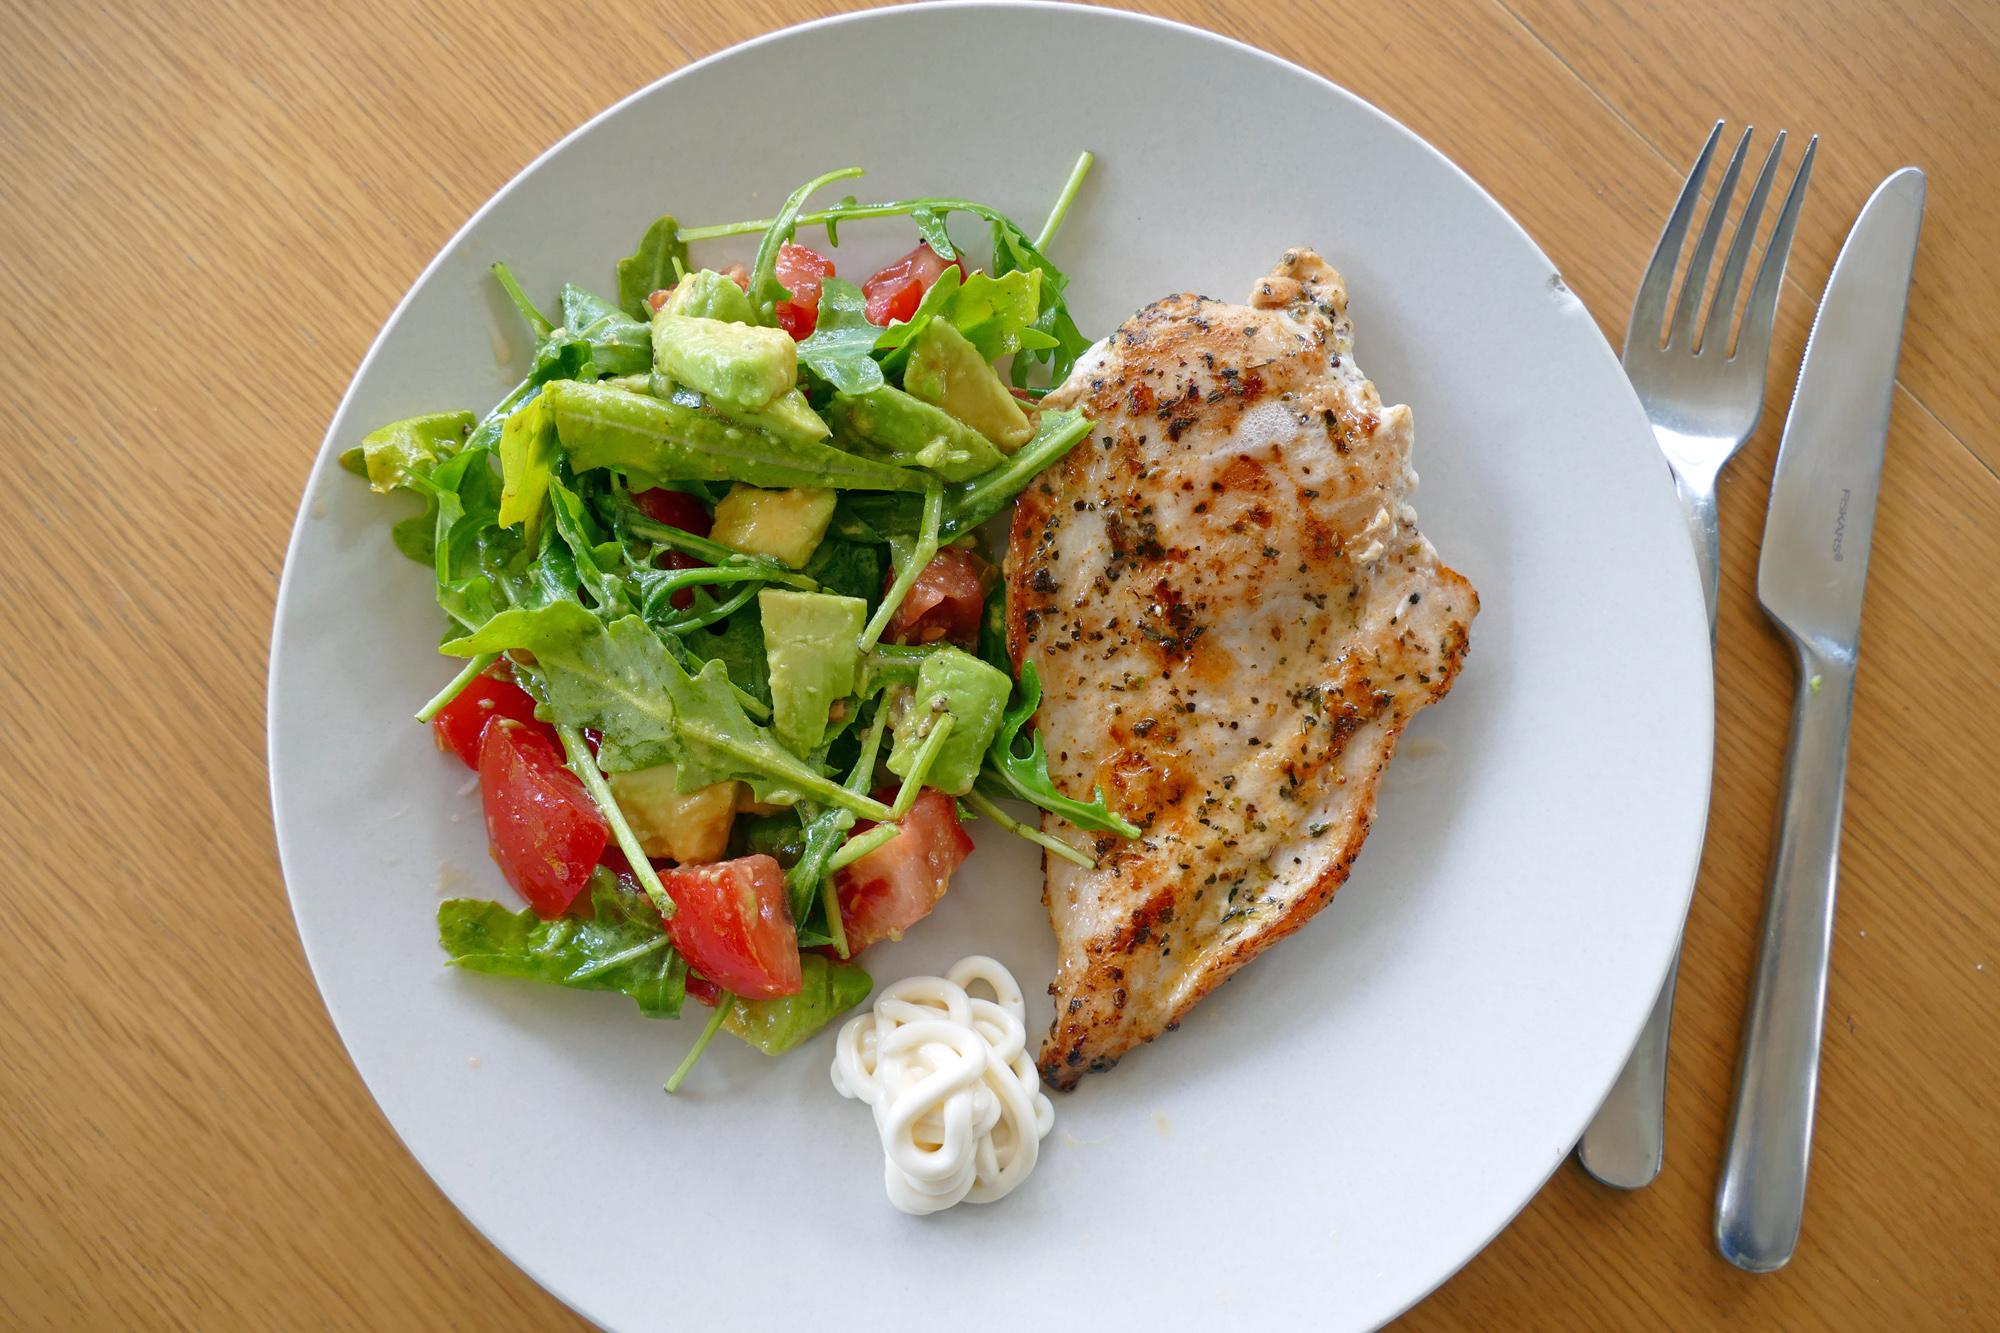 Grillad kyckling, sallad på rucola, tomat och avokado + en klick majonnäs.